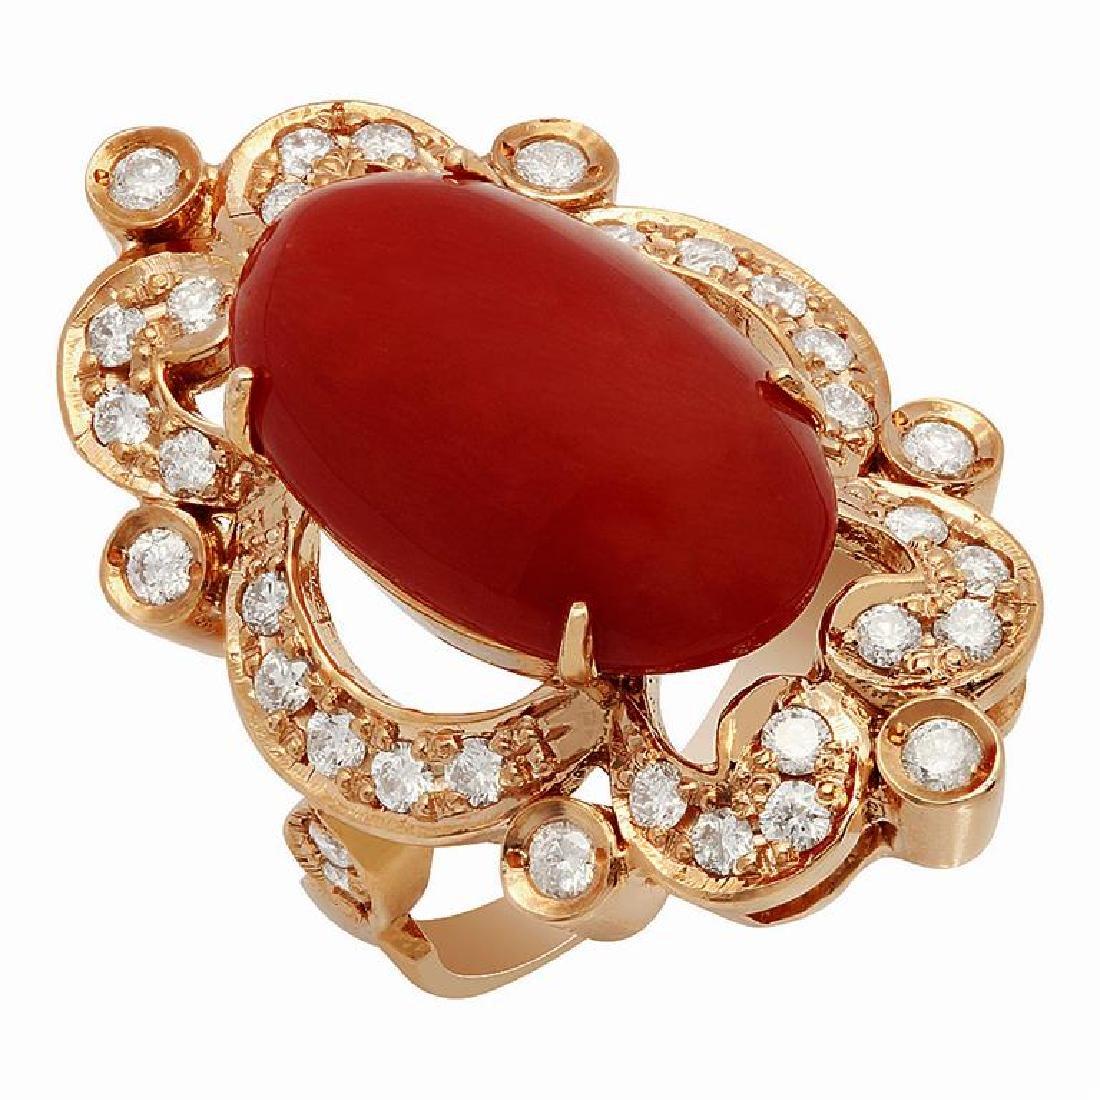 14k Rose Gold 9.64ct Coral 1.22ct Diamond Ring